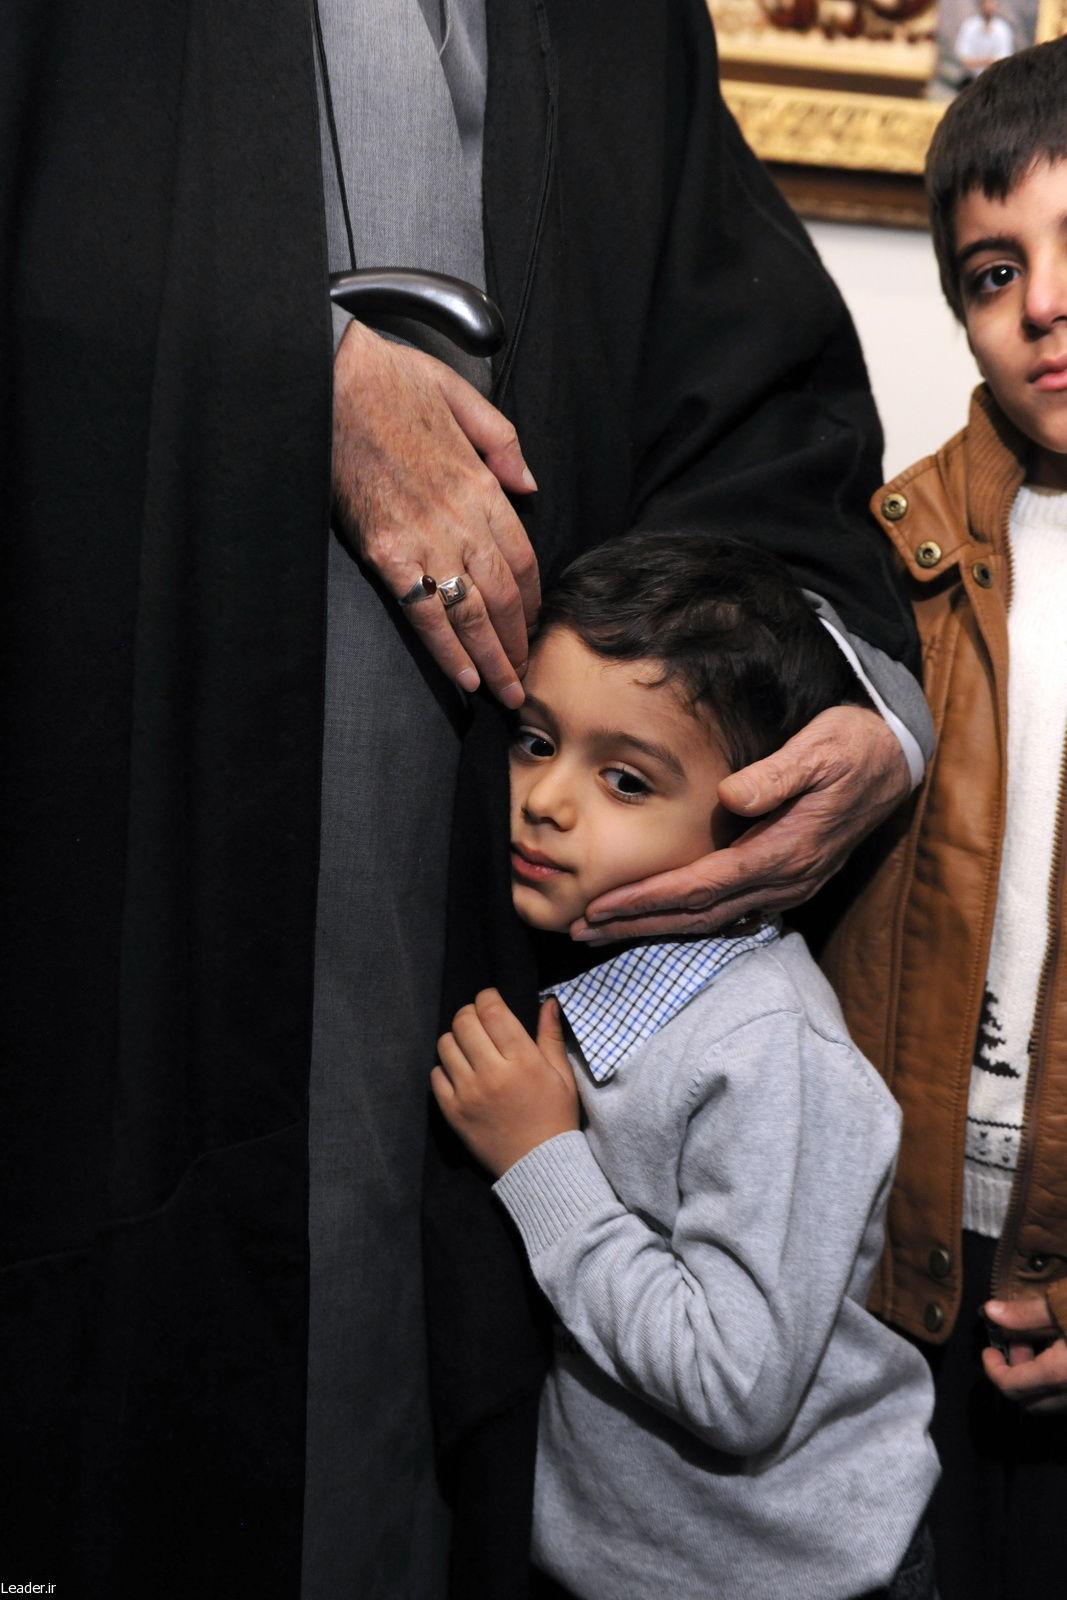 دست نوازش آقا بر فرزند احمدی روشن